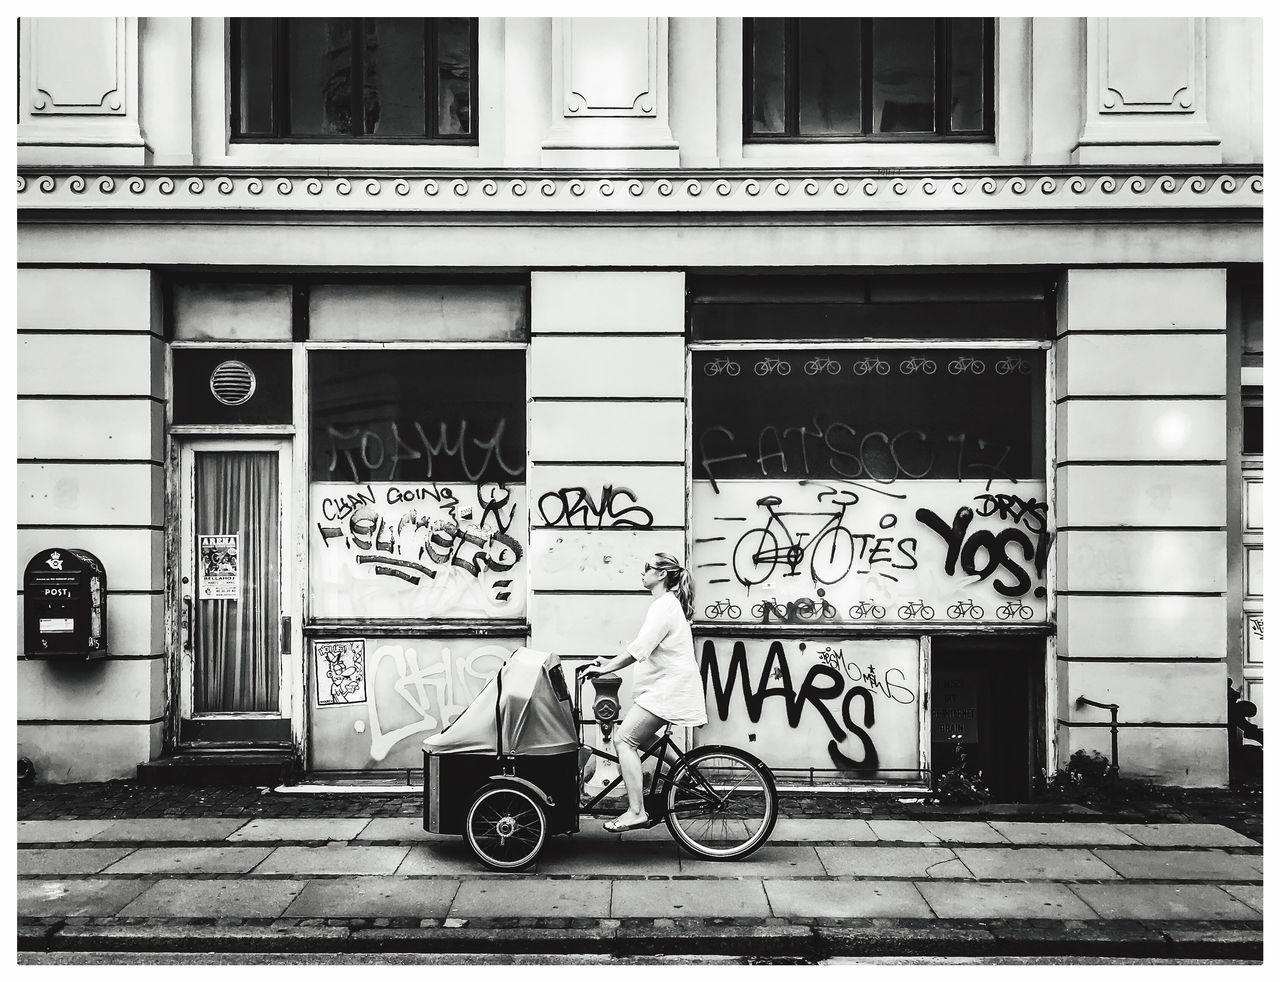 Copenhagen streets by Erik Berrio